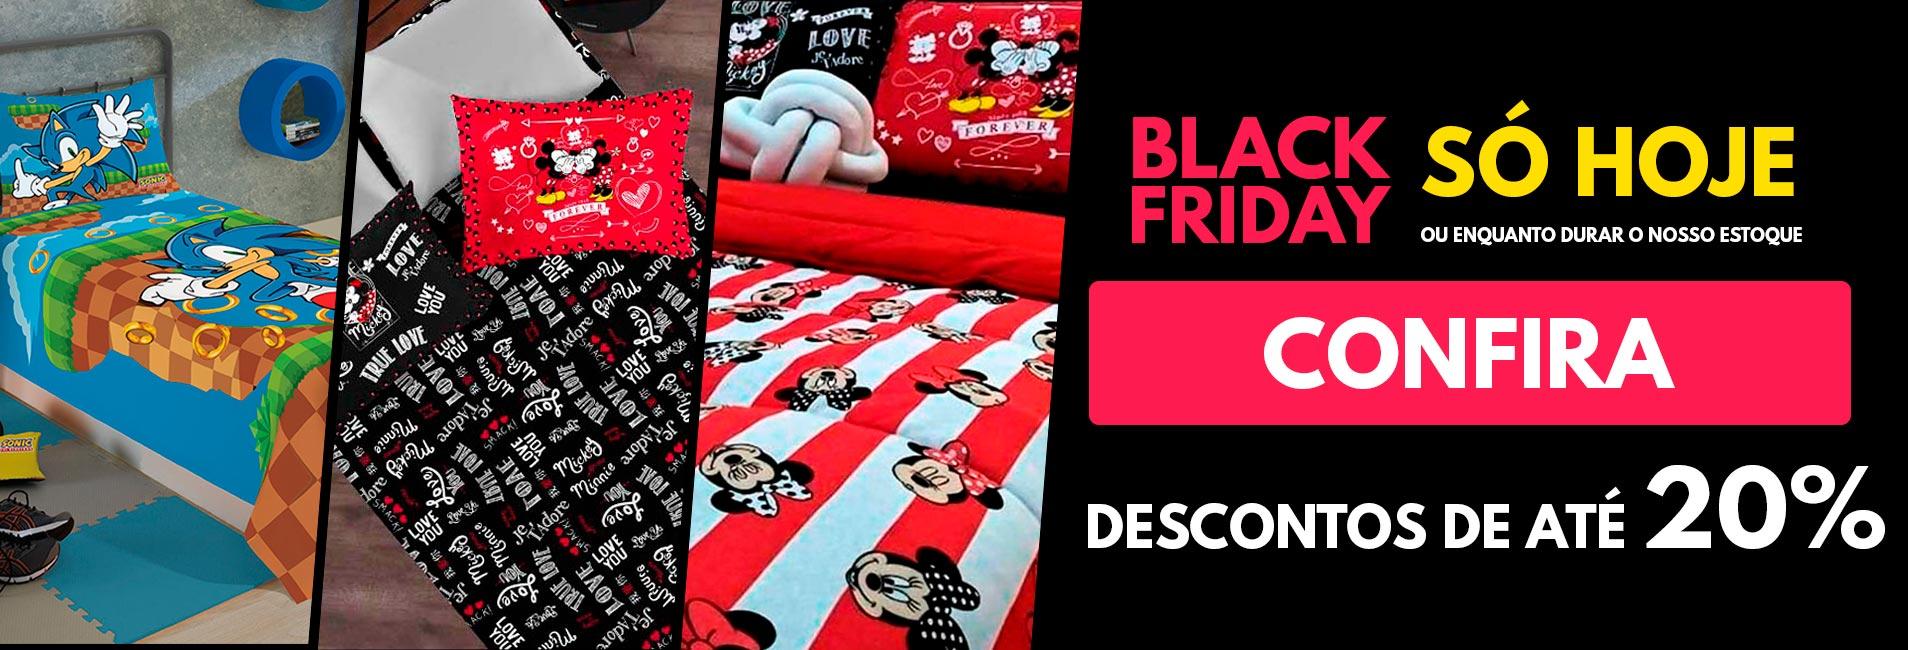 Descontos de até 20% - Black Friday Empório Camiseteria